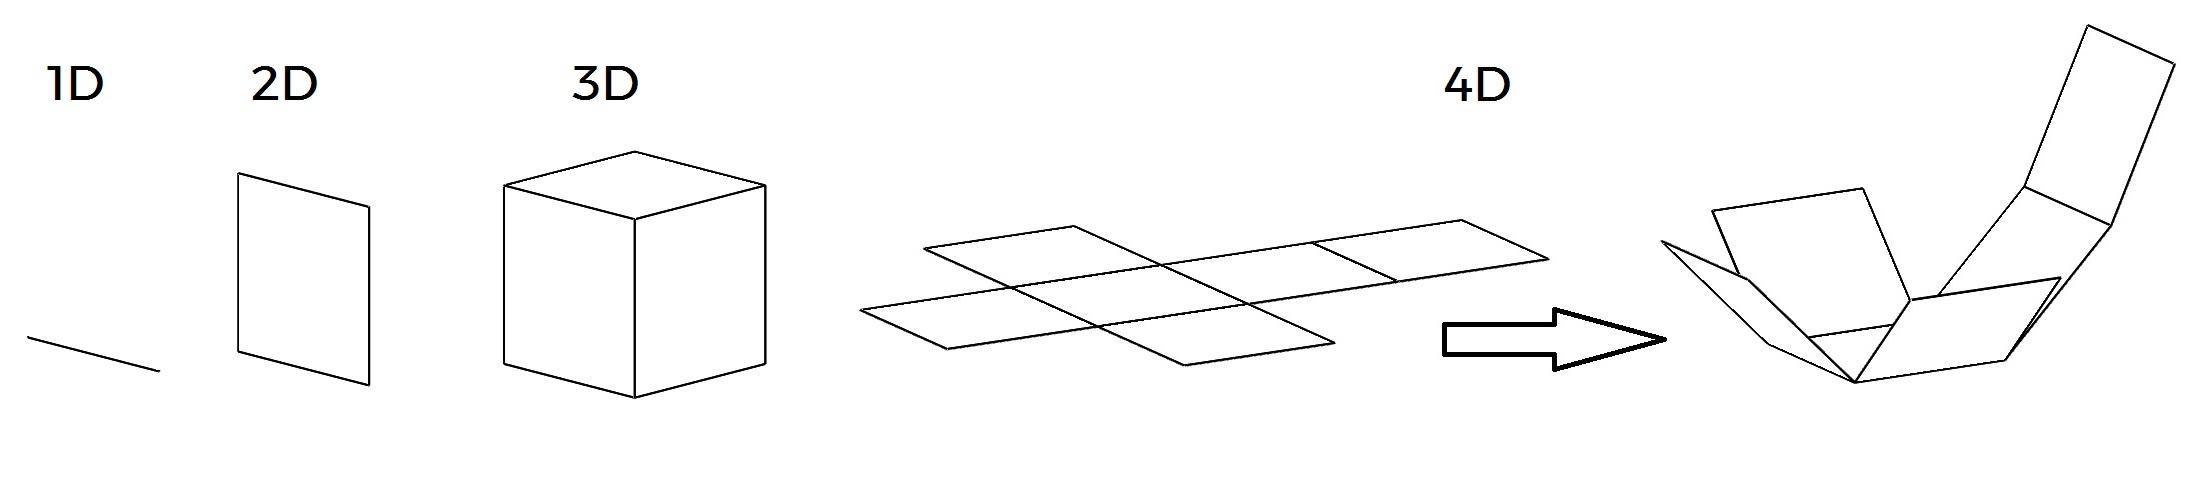 Nett Bildlicher Schaltplan Ideen - Der Schaltplan - greigo.com